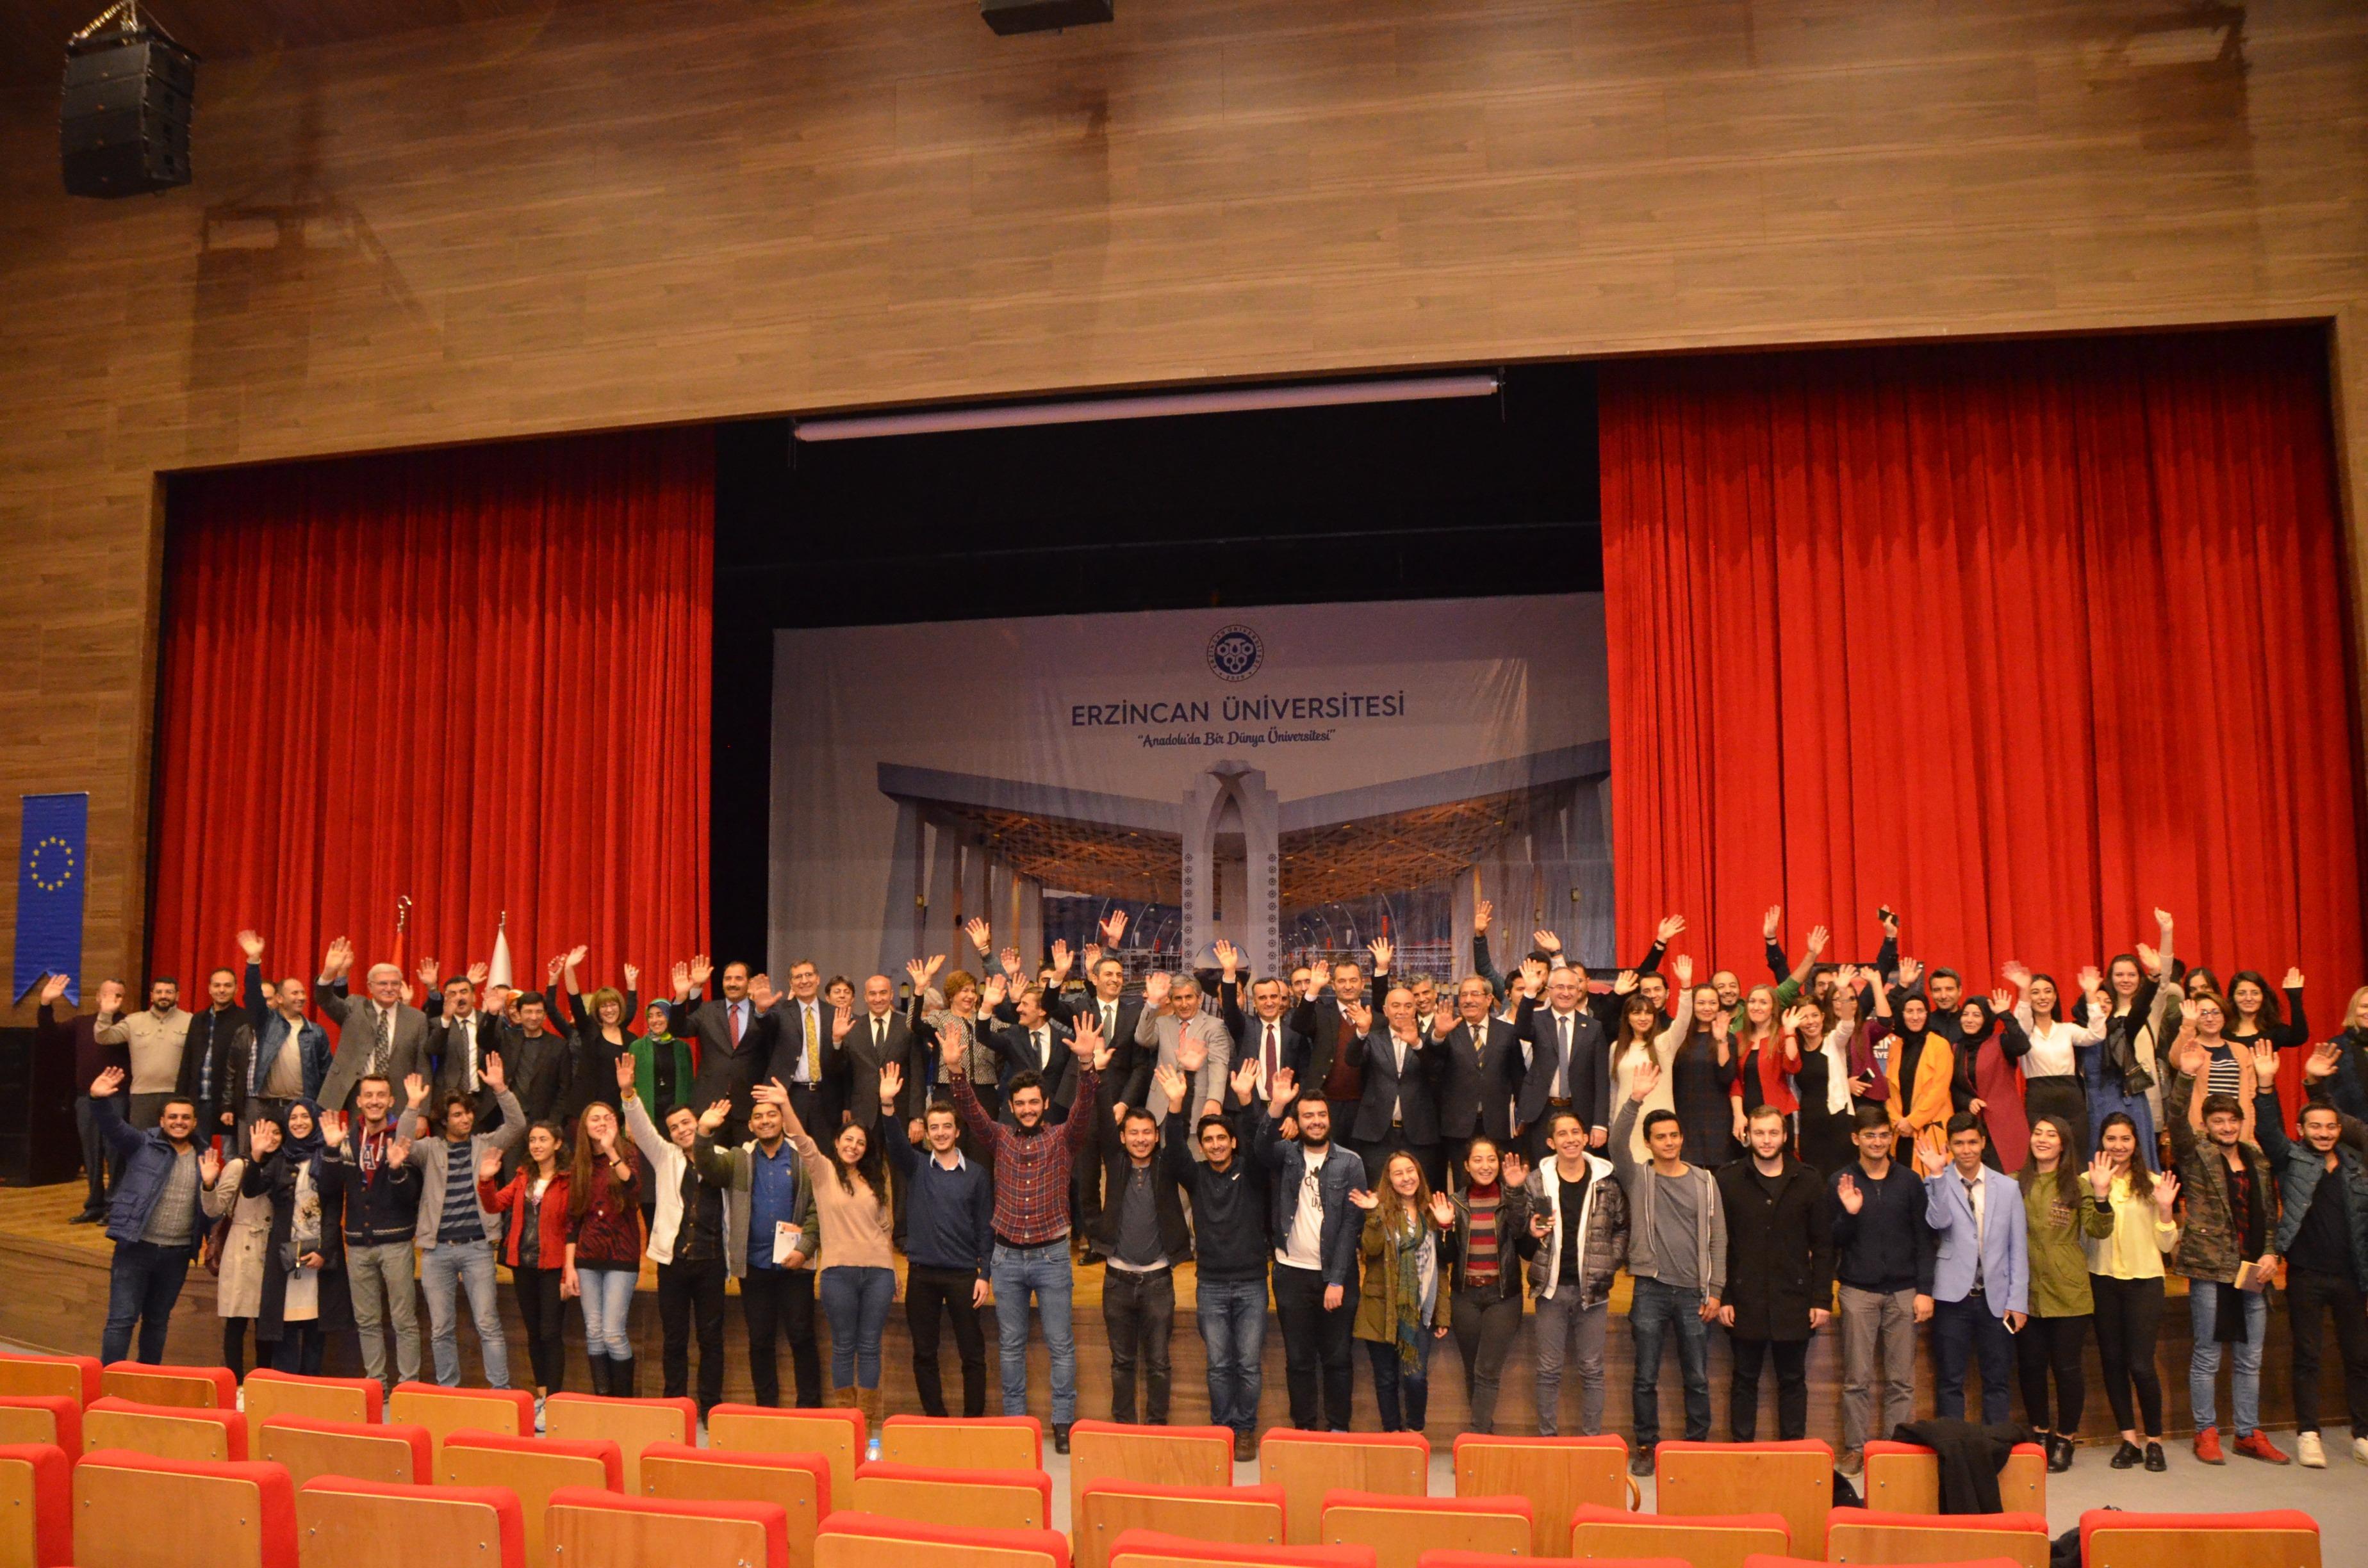 30th Anniversary Events of Erasmus+ in Erzincan University